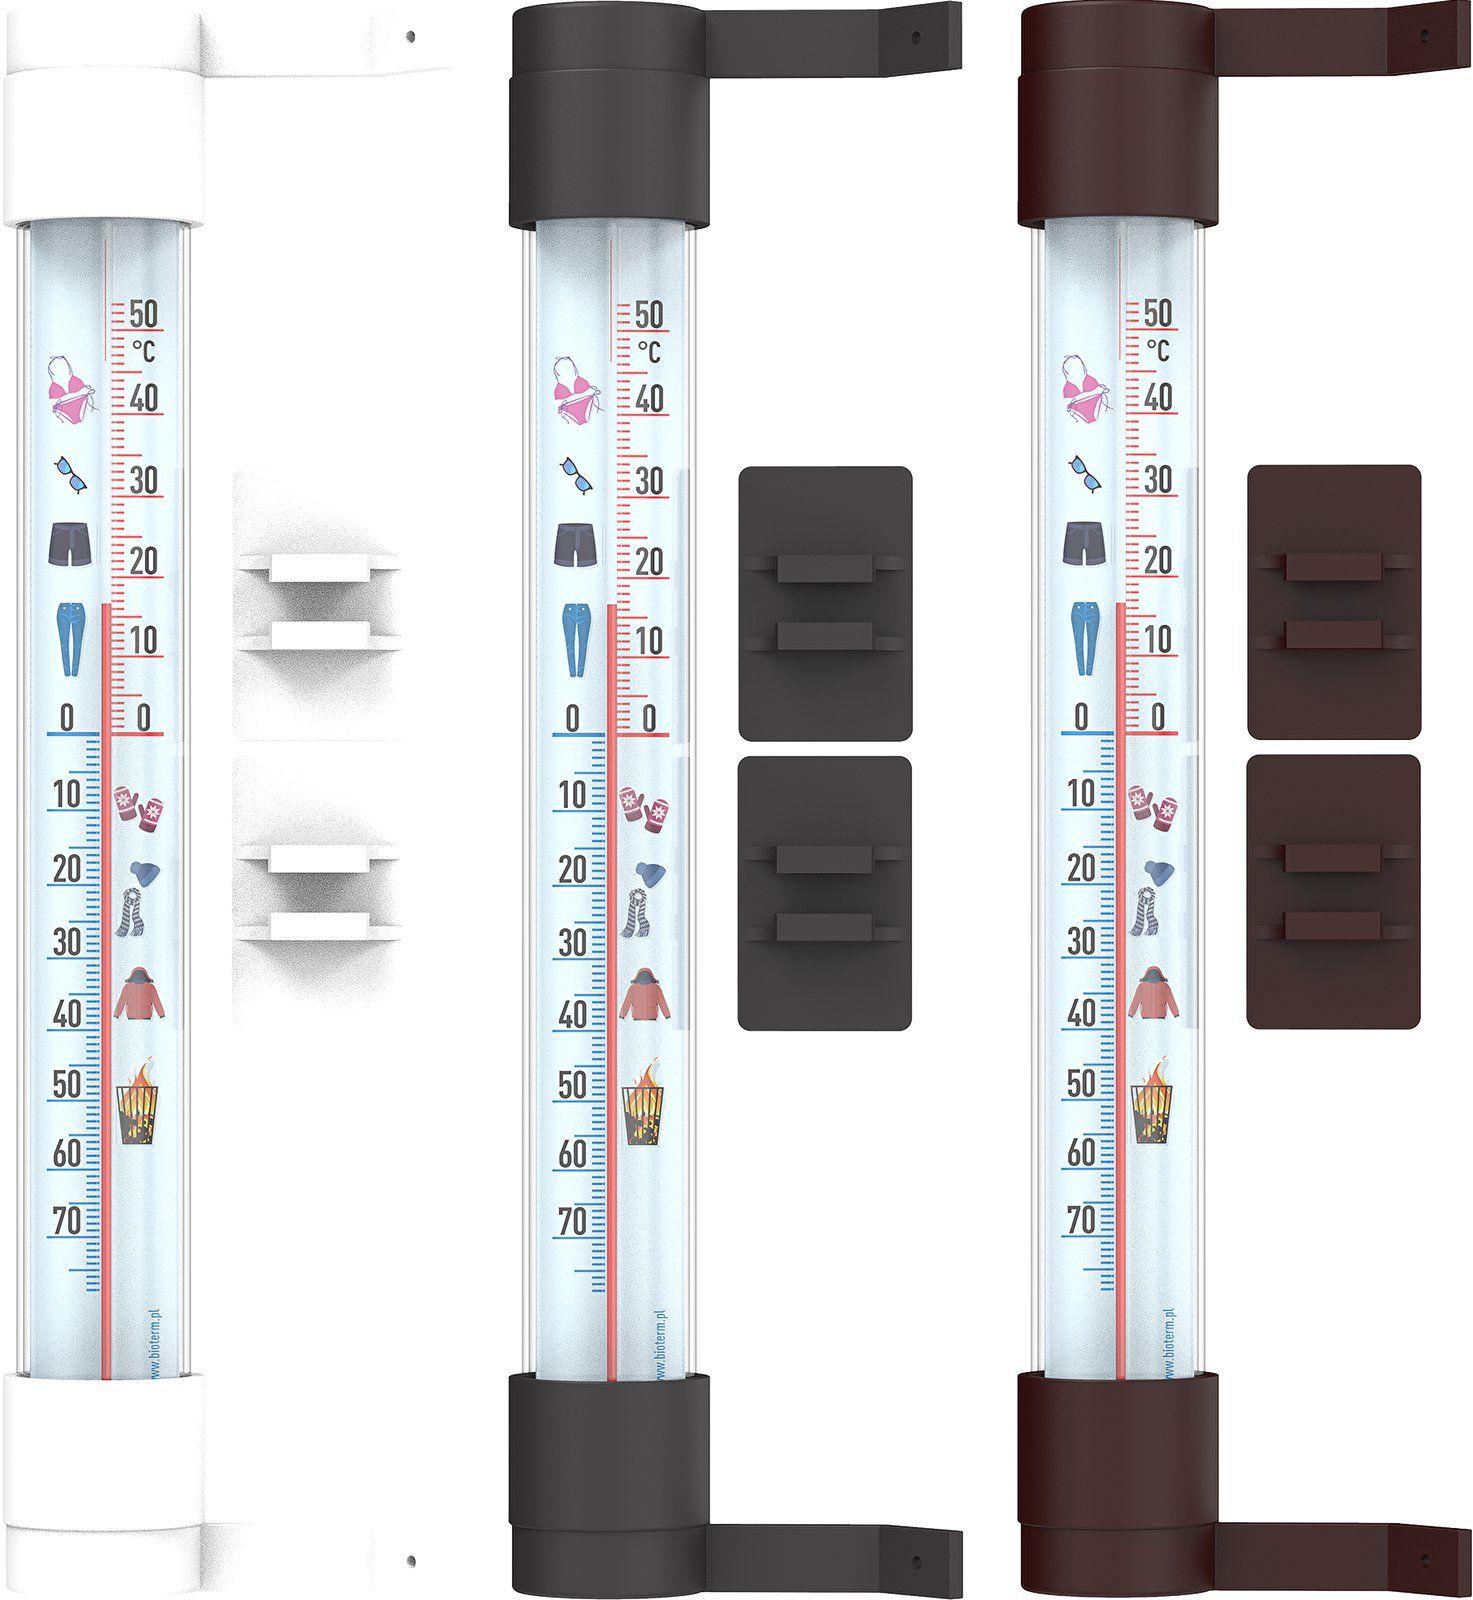 Termometr zewnętrzny z grafiką, Ubrania